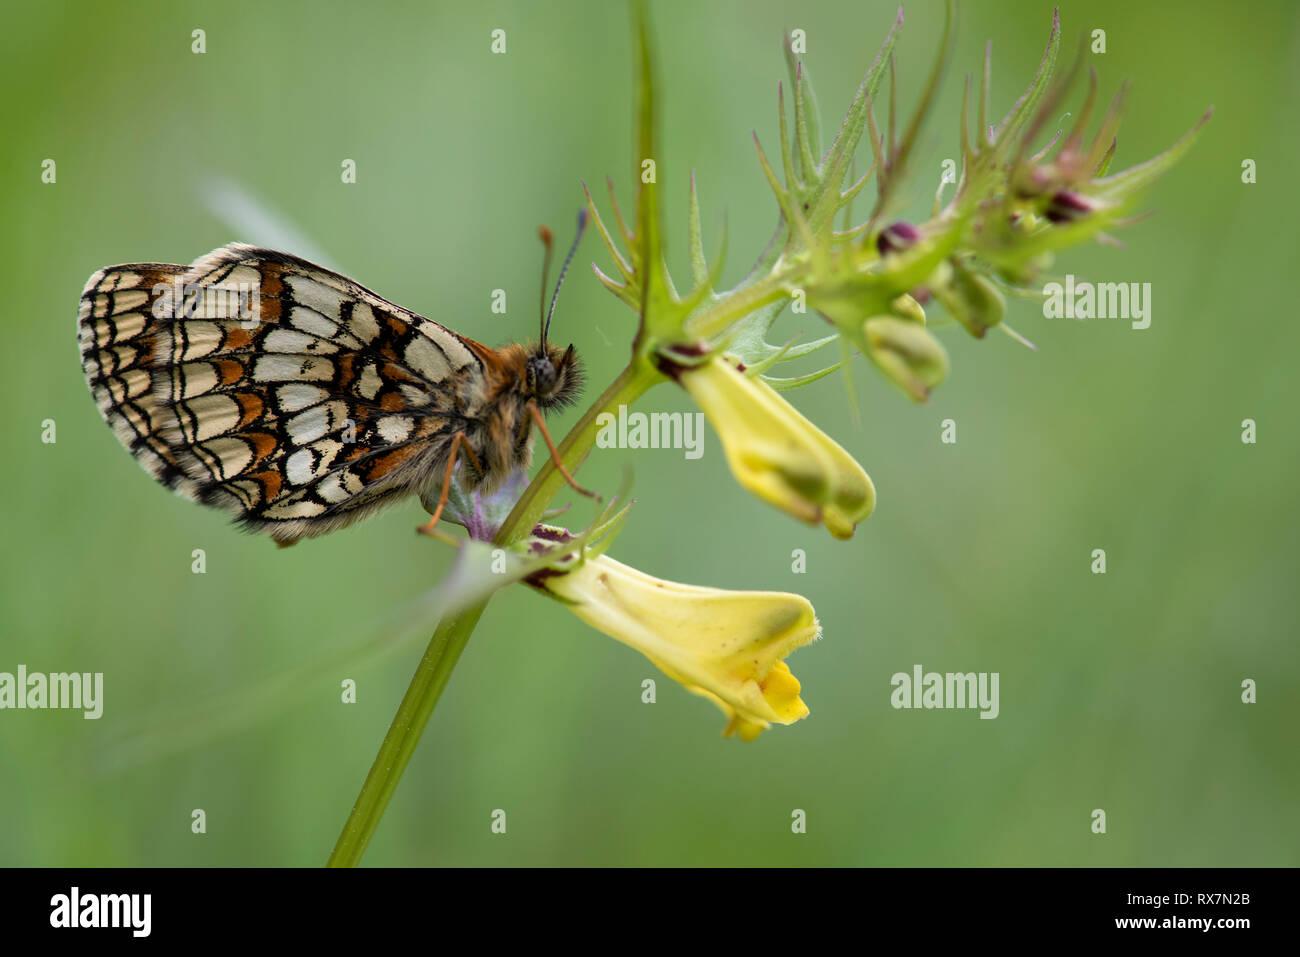 Melam Stock Photos & Melam Stock Images - Alamy